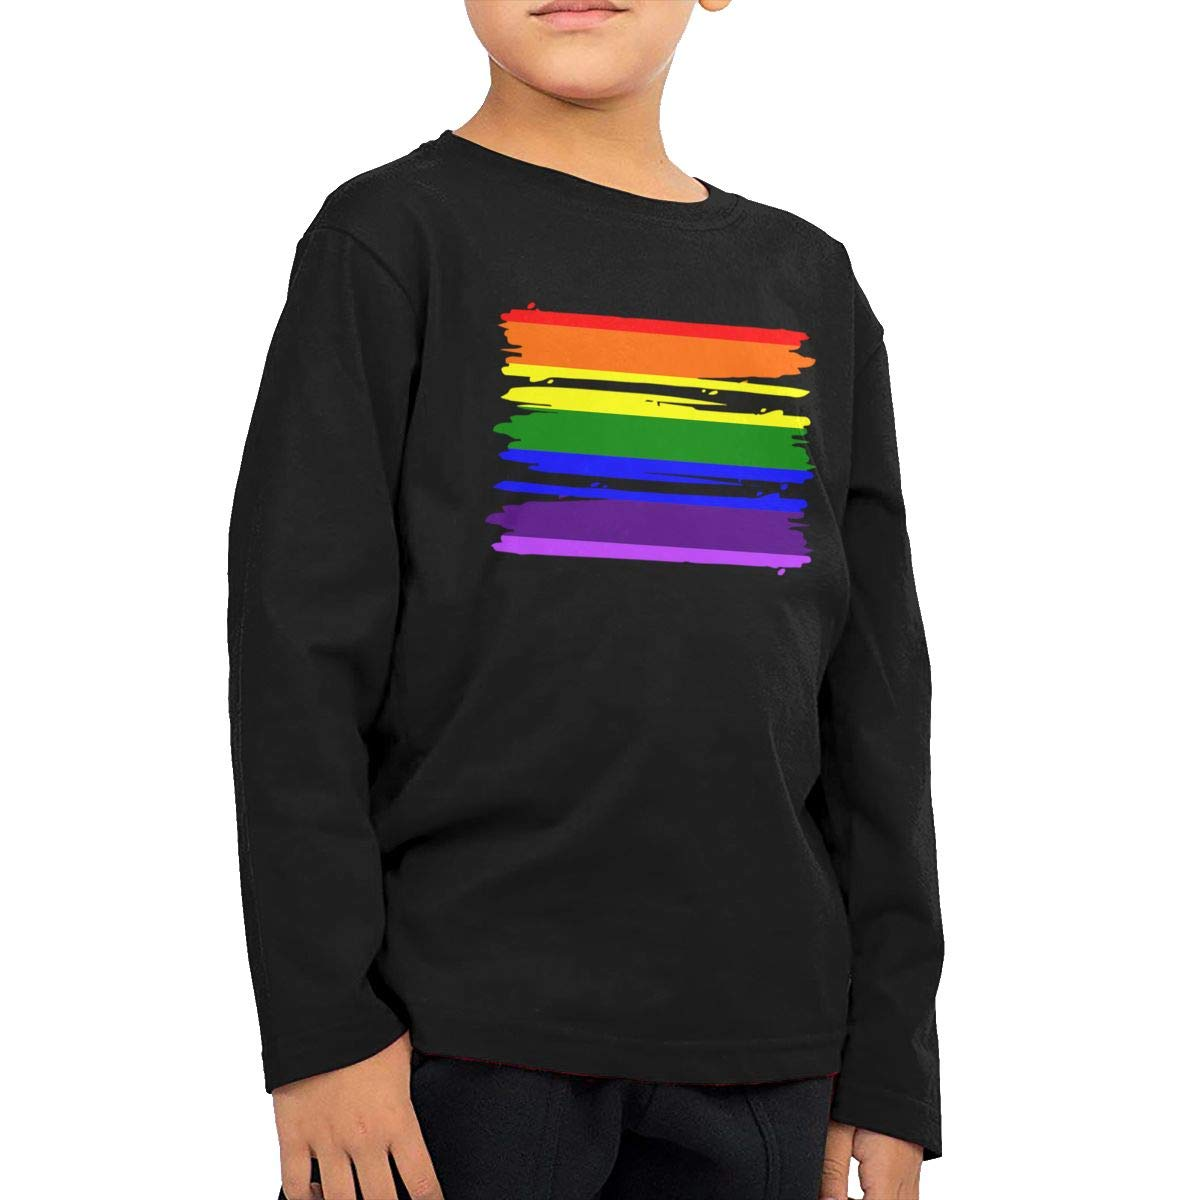 CERTONGCXTS Baby Girls Little Boys LGBT Flag ComfortSoft Long Sleeve Shirt